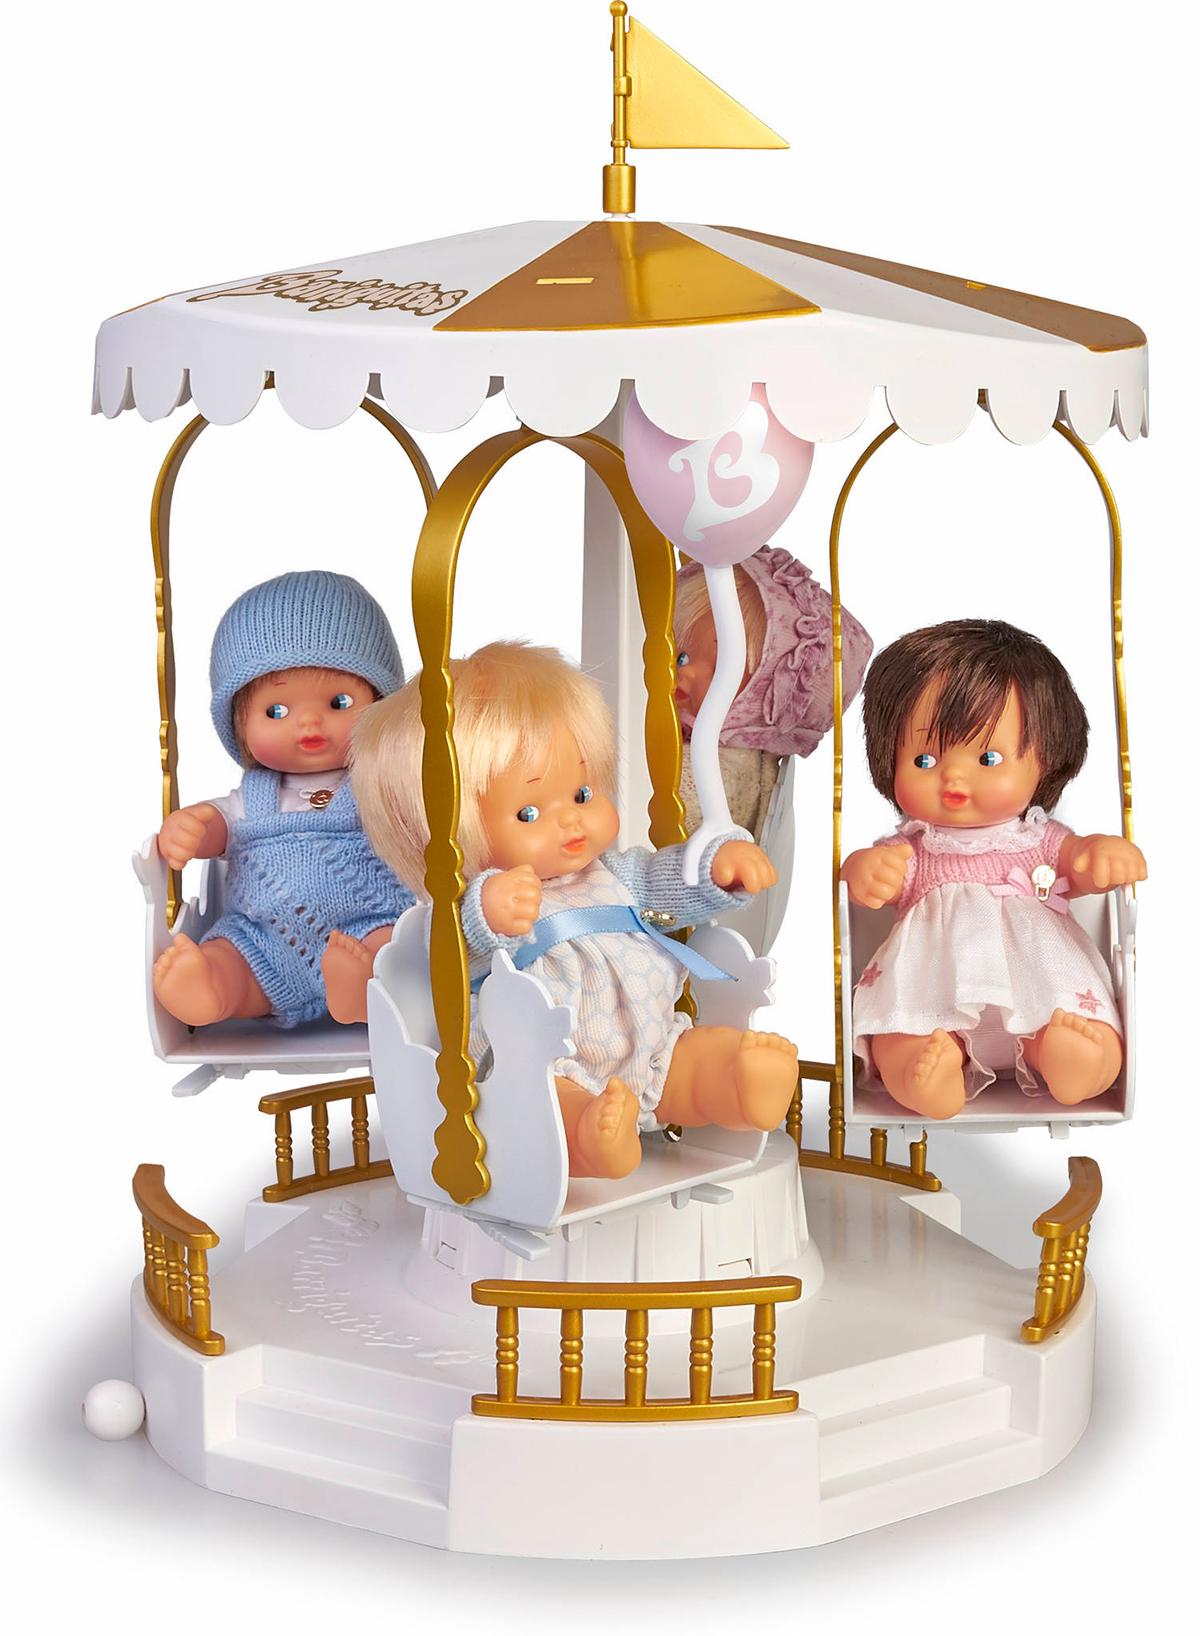 Vuelve a tu infancia con el Carrusel de Barriguitas